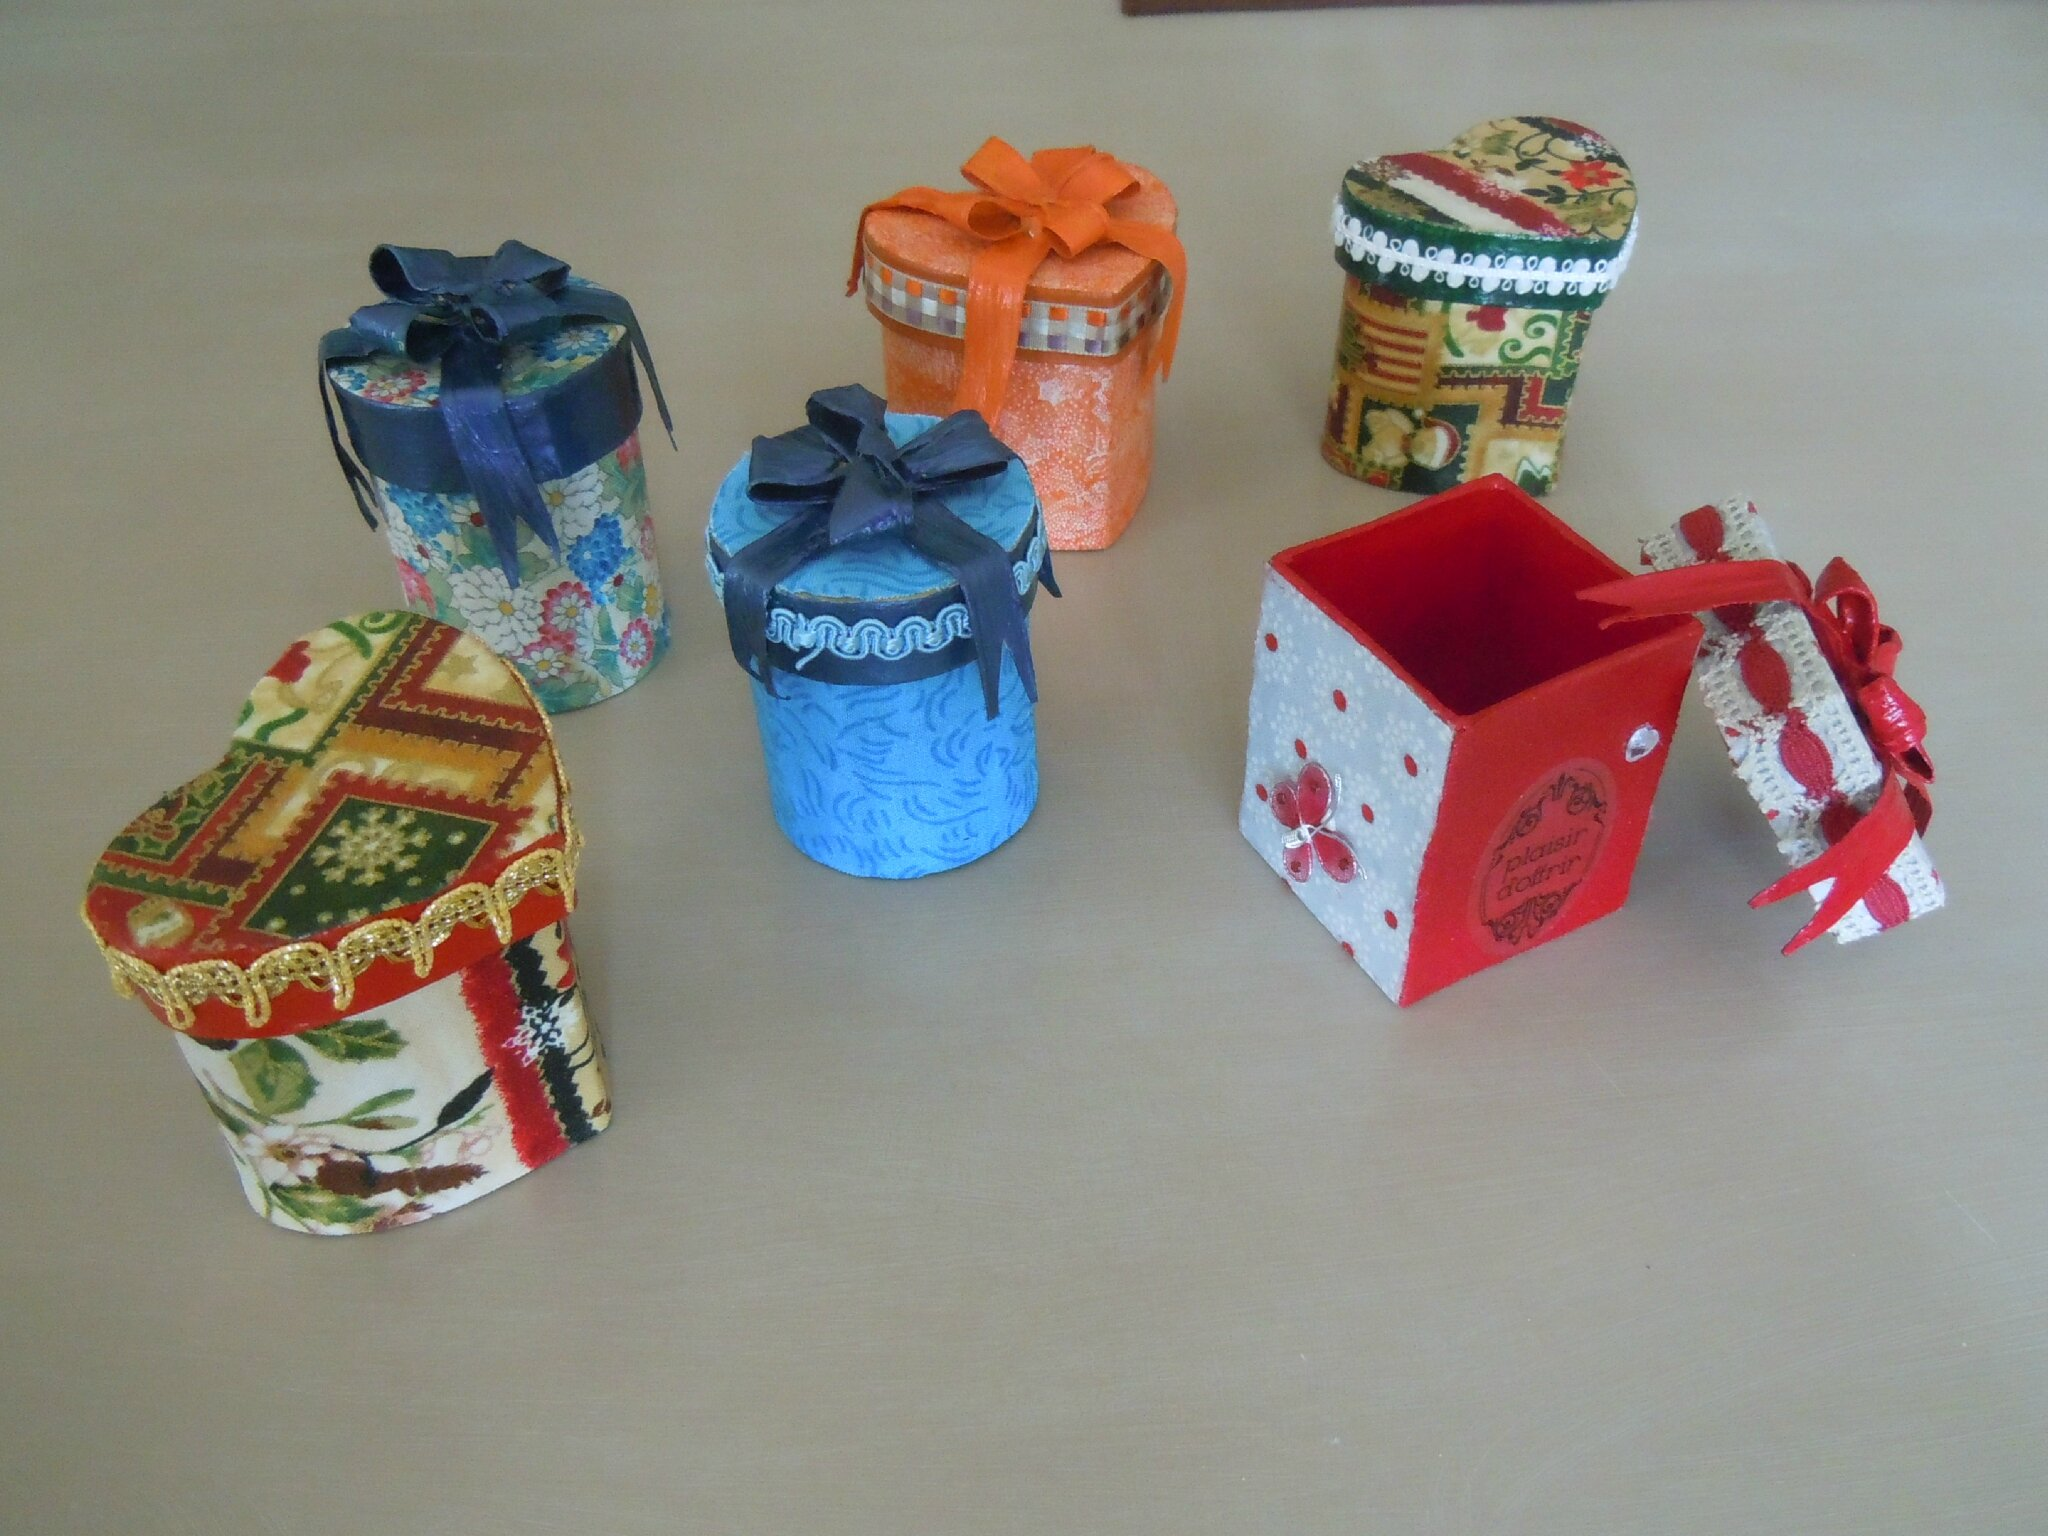 2014-05-20, boite en carton